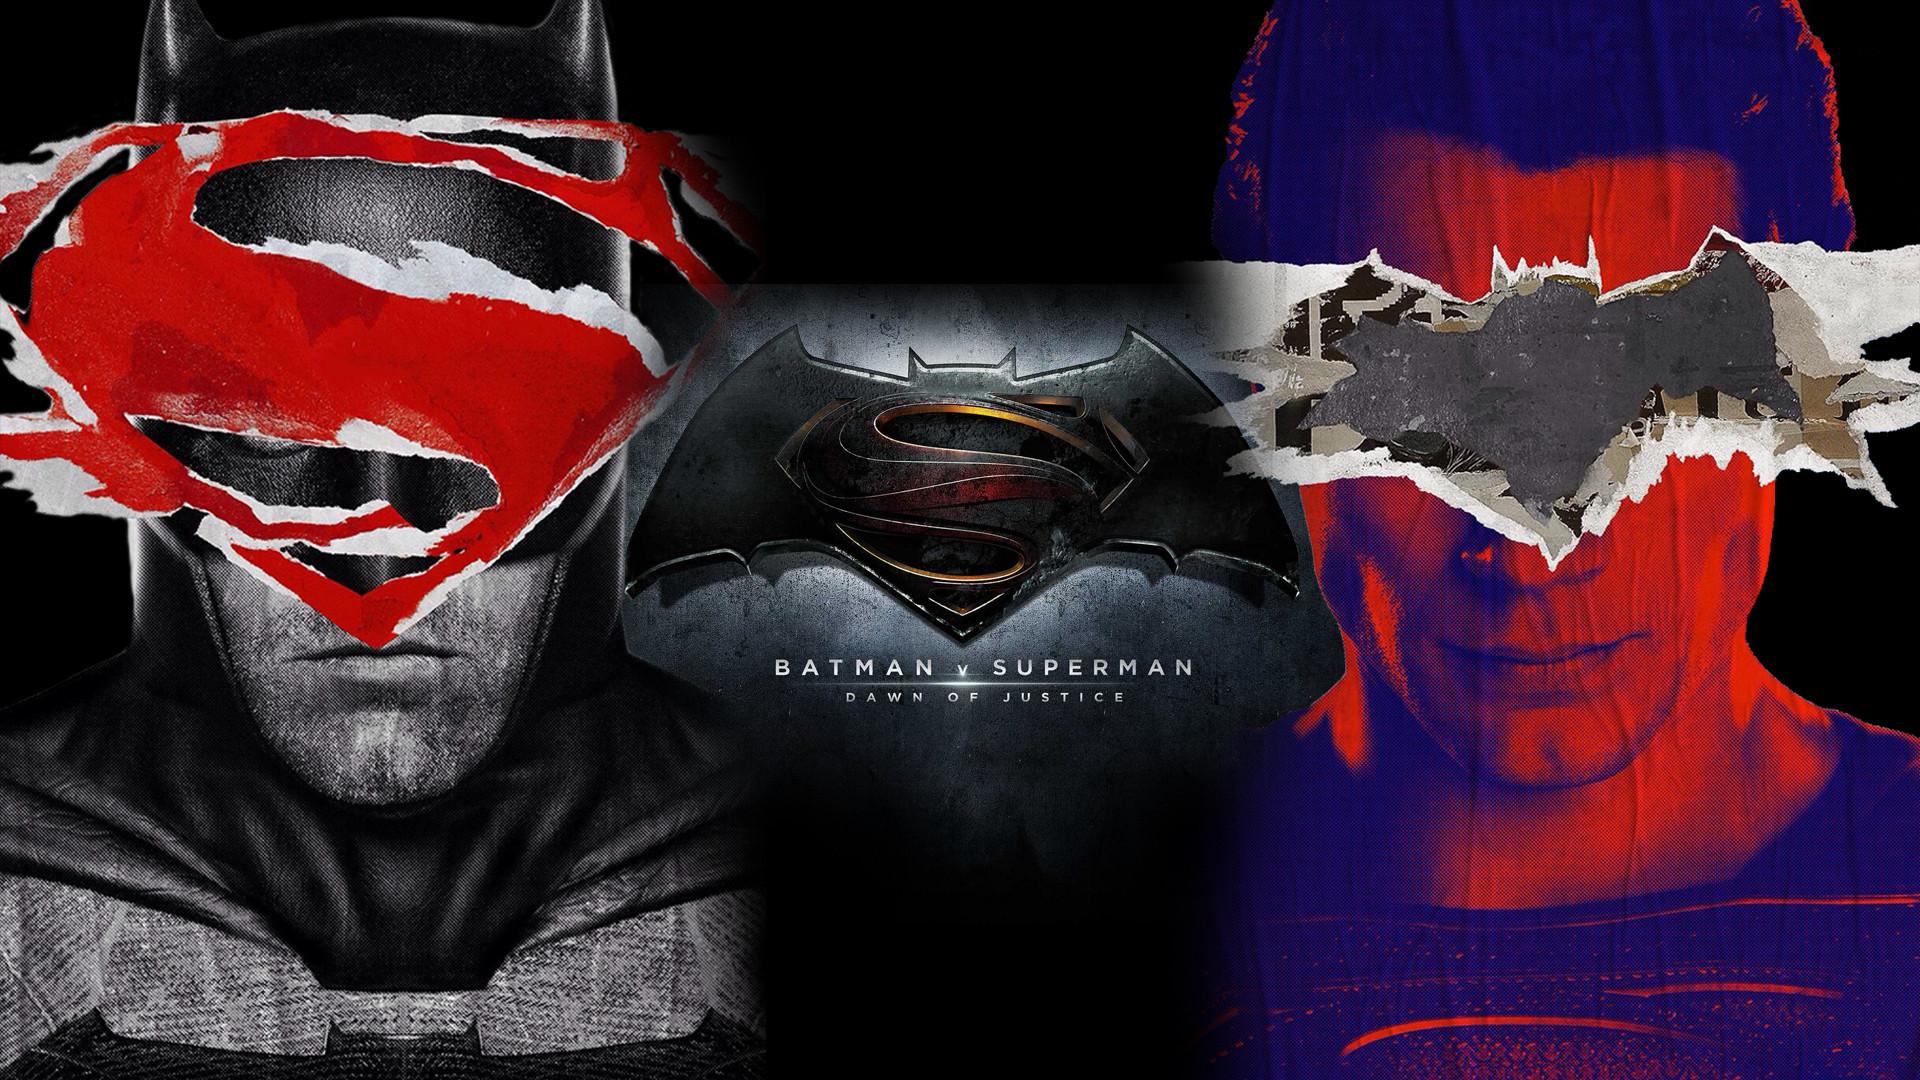 1920x1080 Batman Vs Superman Dawn Of Justice Wallpaper Download